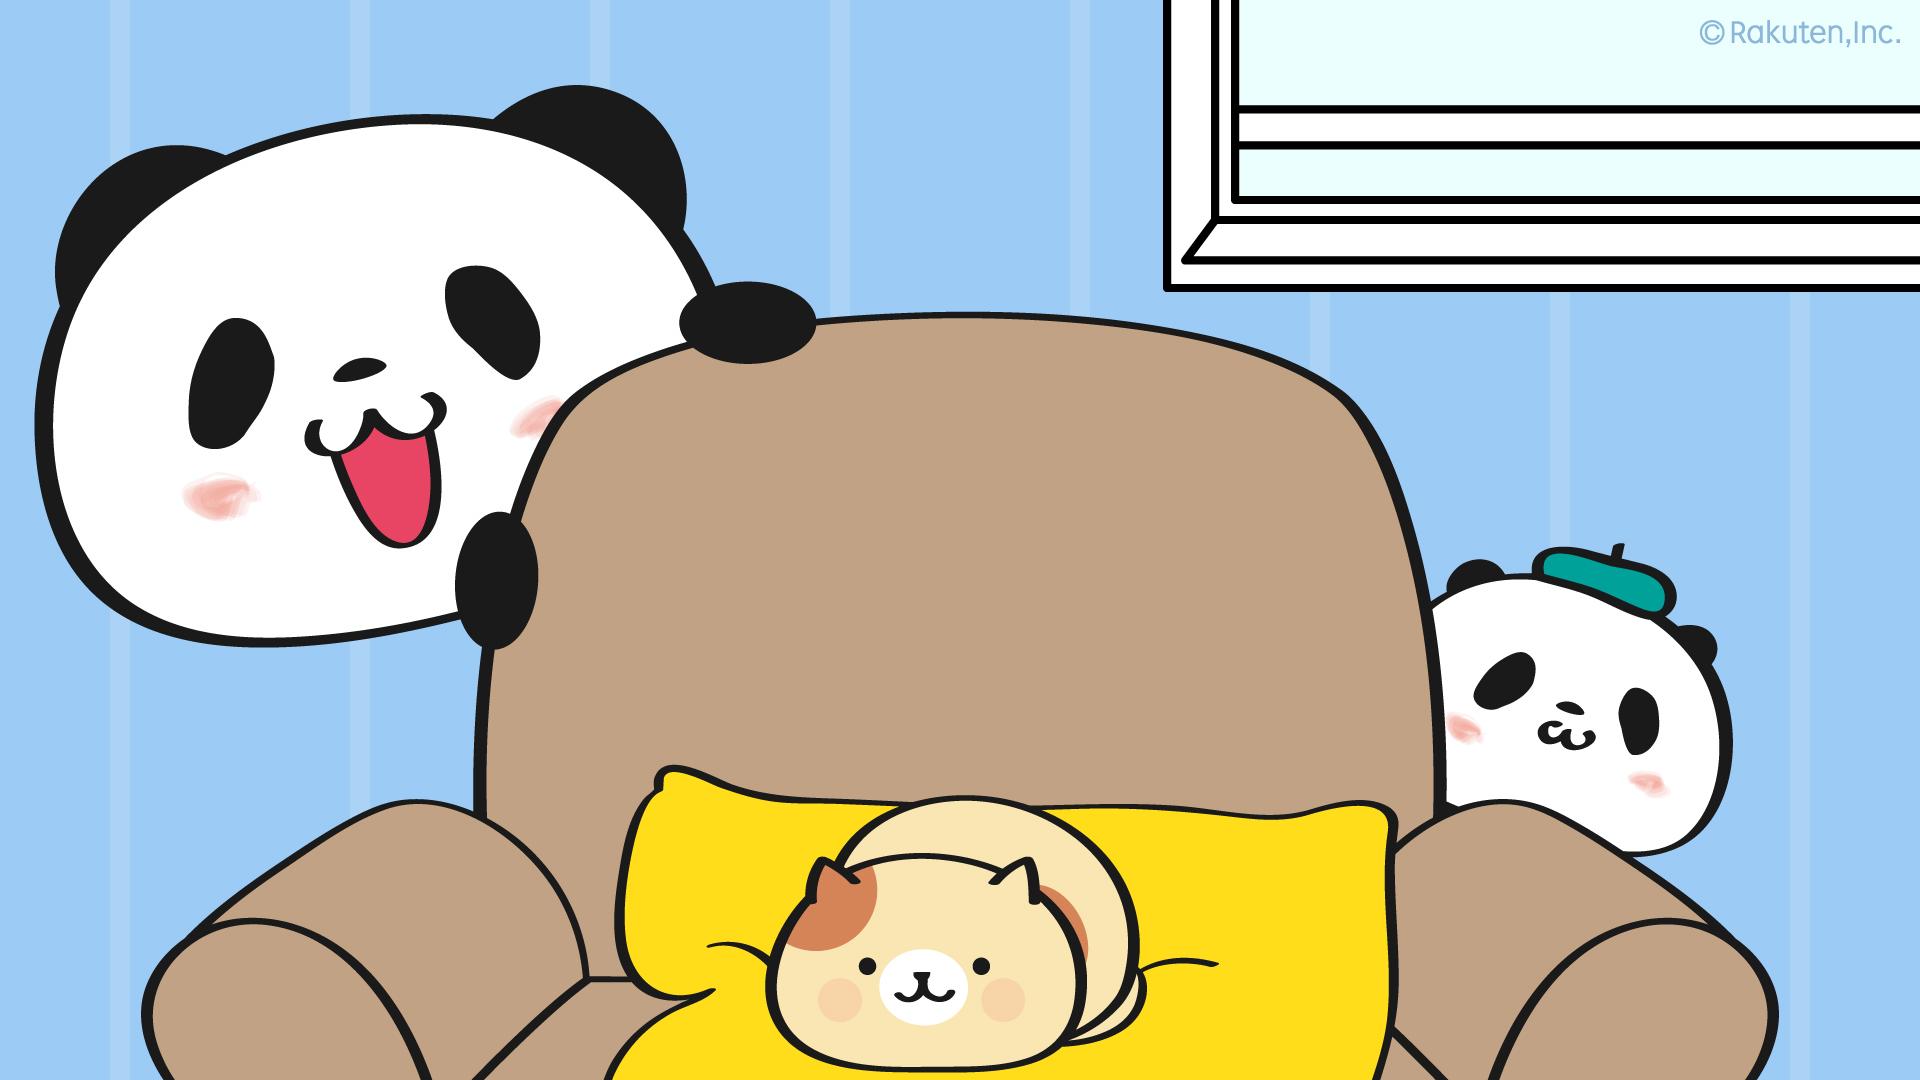 お買いものパンダ最新ニュース 楽天公式 お買いものパンダ のテレビ会議用バーチャル背景画像が登場 お パンたちと一緒に会議に出れば ミーティングもはかどること間違いなし おうち時間もおパンたちと楽しく過ごしてね オフィシャルサイトには他に